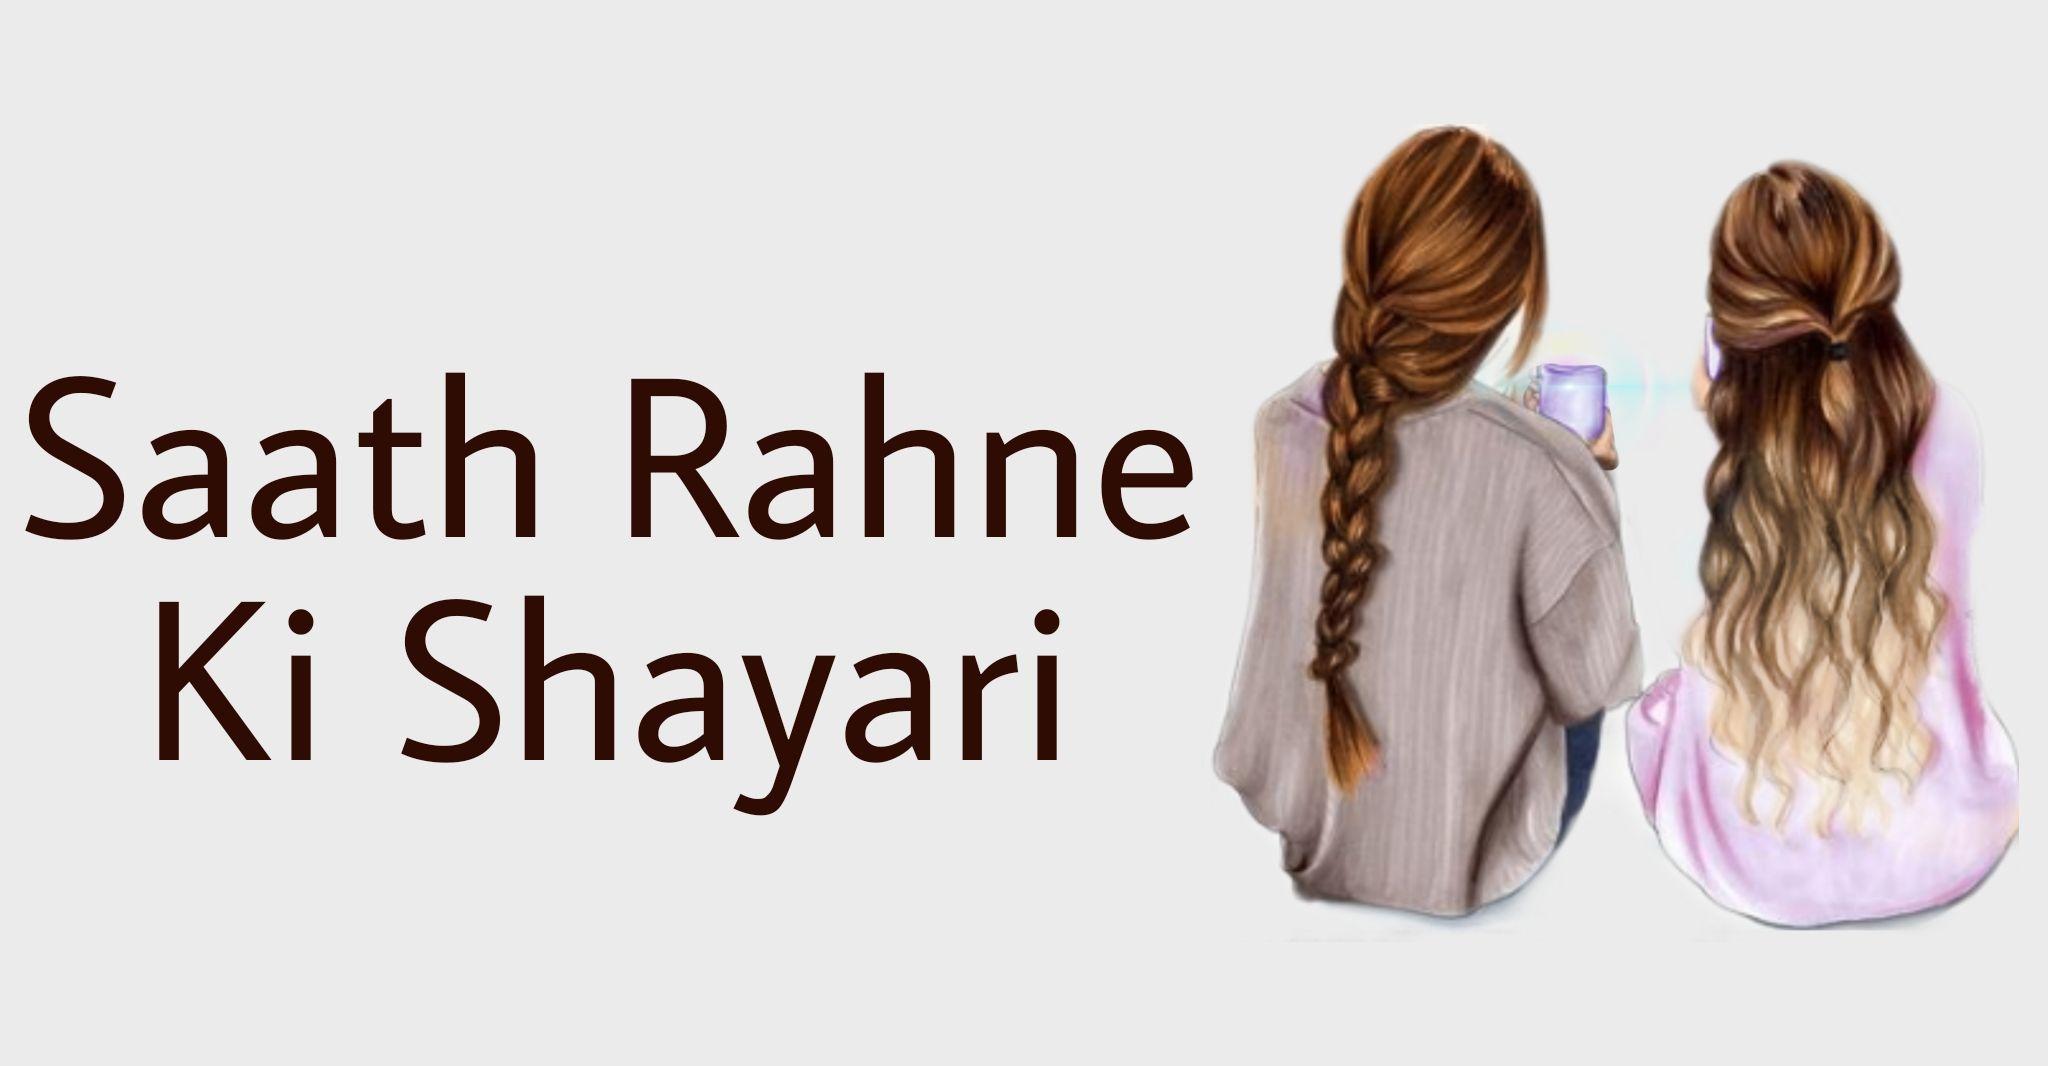 Saath Rahne Ki Shayari